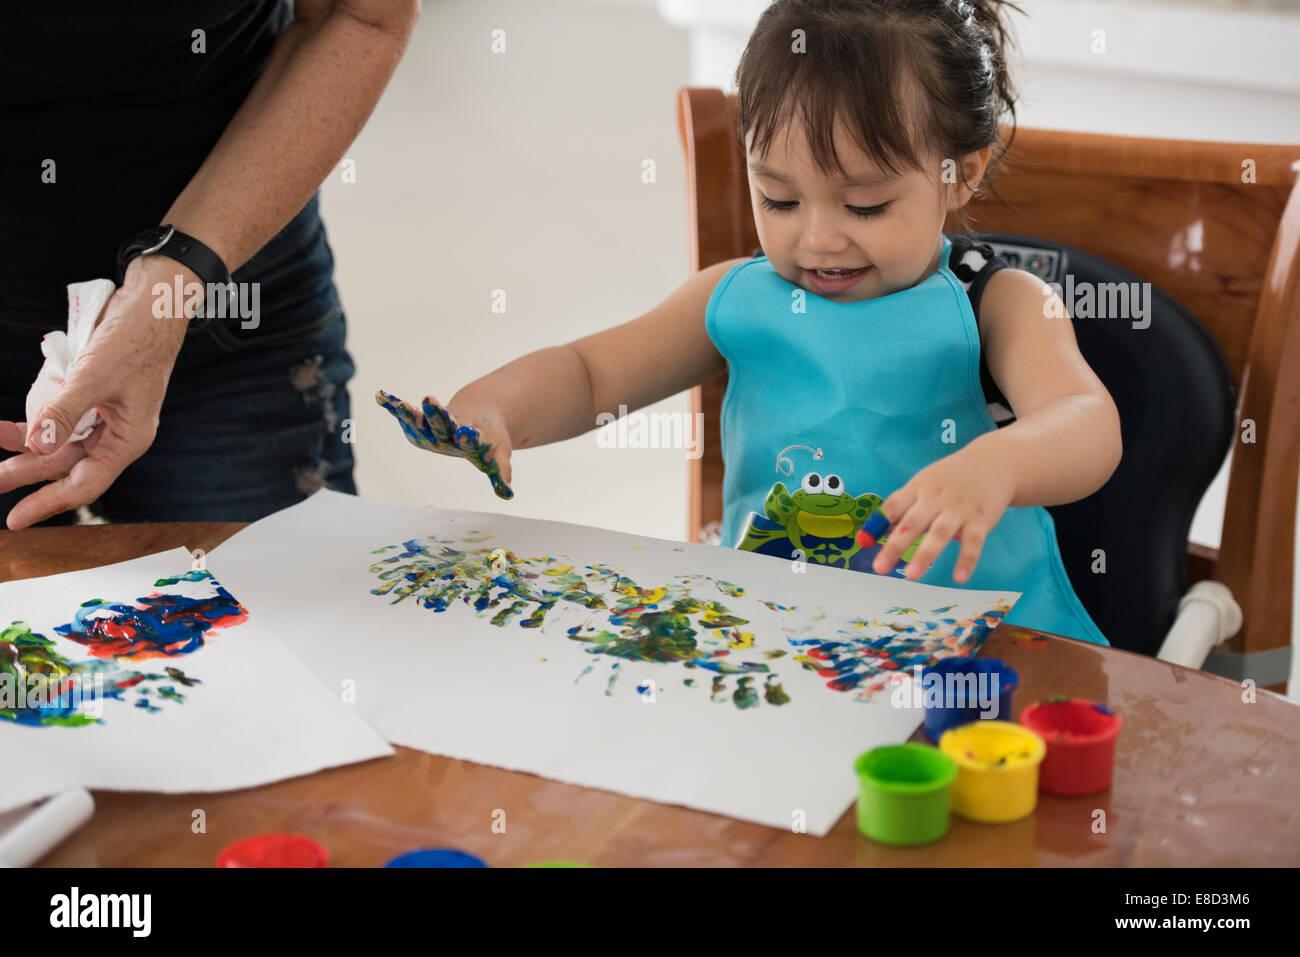 Niño pintar con los dedos Imagen De Stock